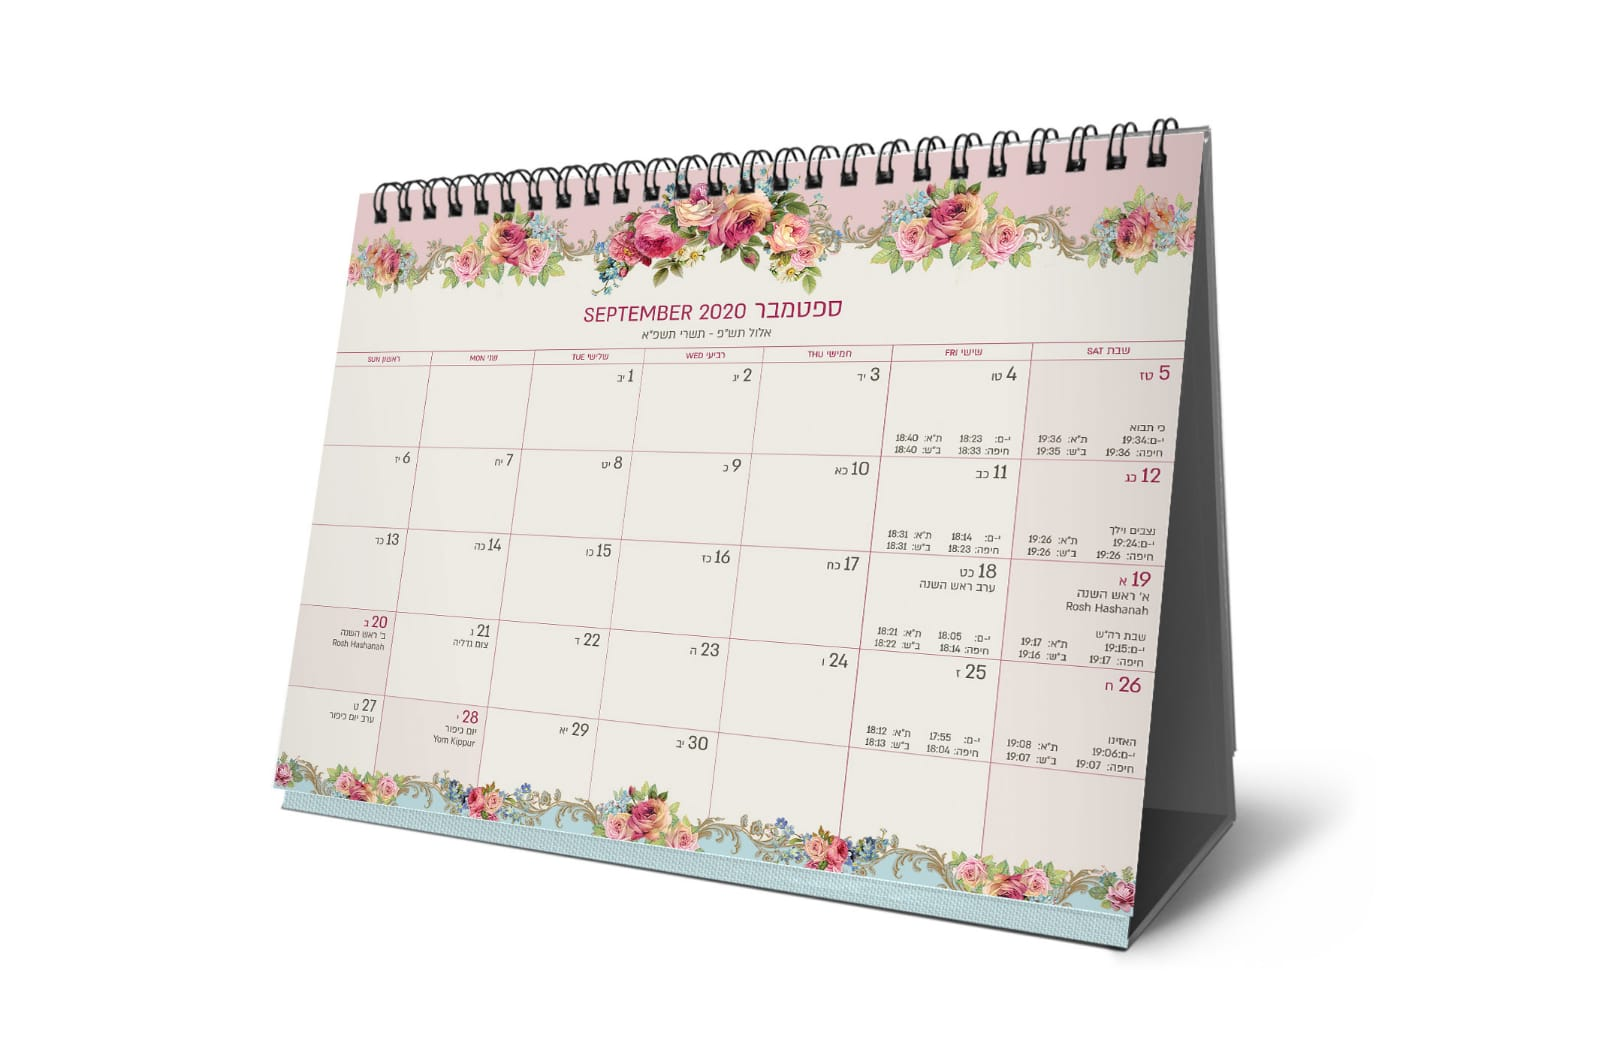 לוח שנה שולחני גדול מיכל נגרין